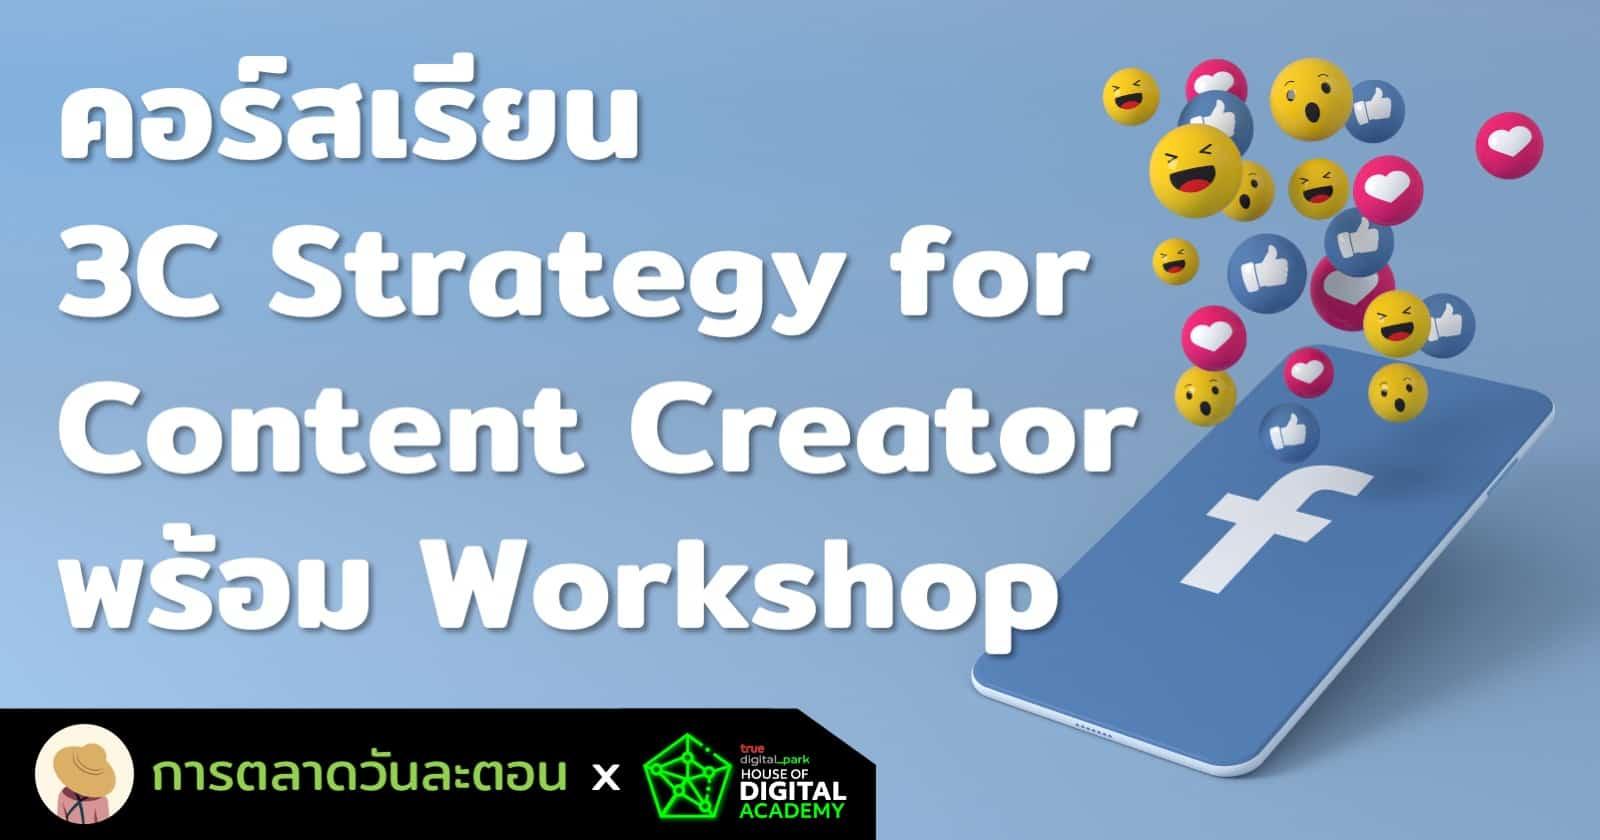 คอร์สเรียน Content Creator ด้วยกลยุทธ์ 3C Strategy พร้อม Workshop